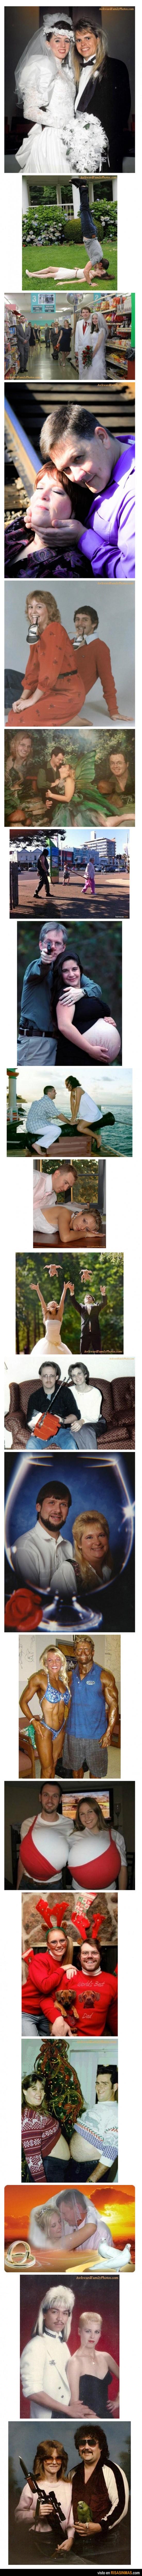 24 fotos de parejas originales